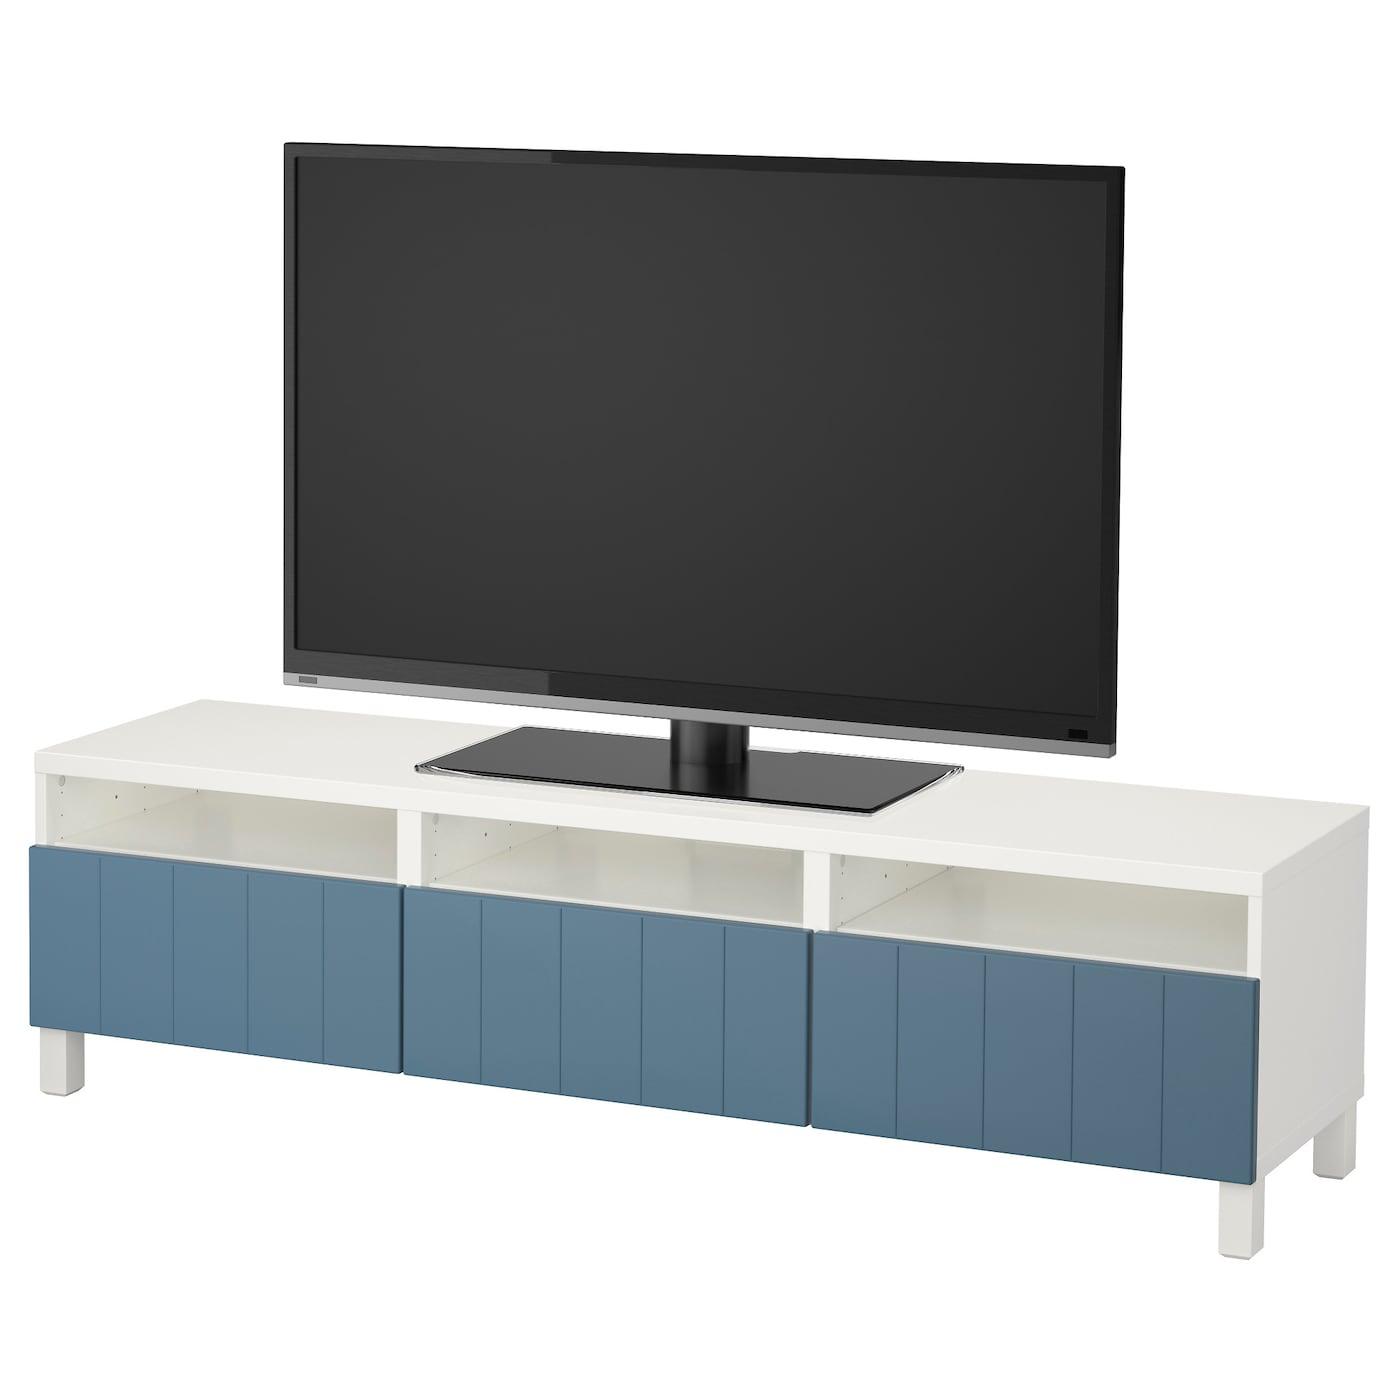 Best Tv Bench With Drawers White Hallstavik Dark Blue 180x40x48 Cm Ikea